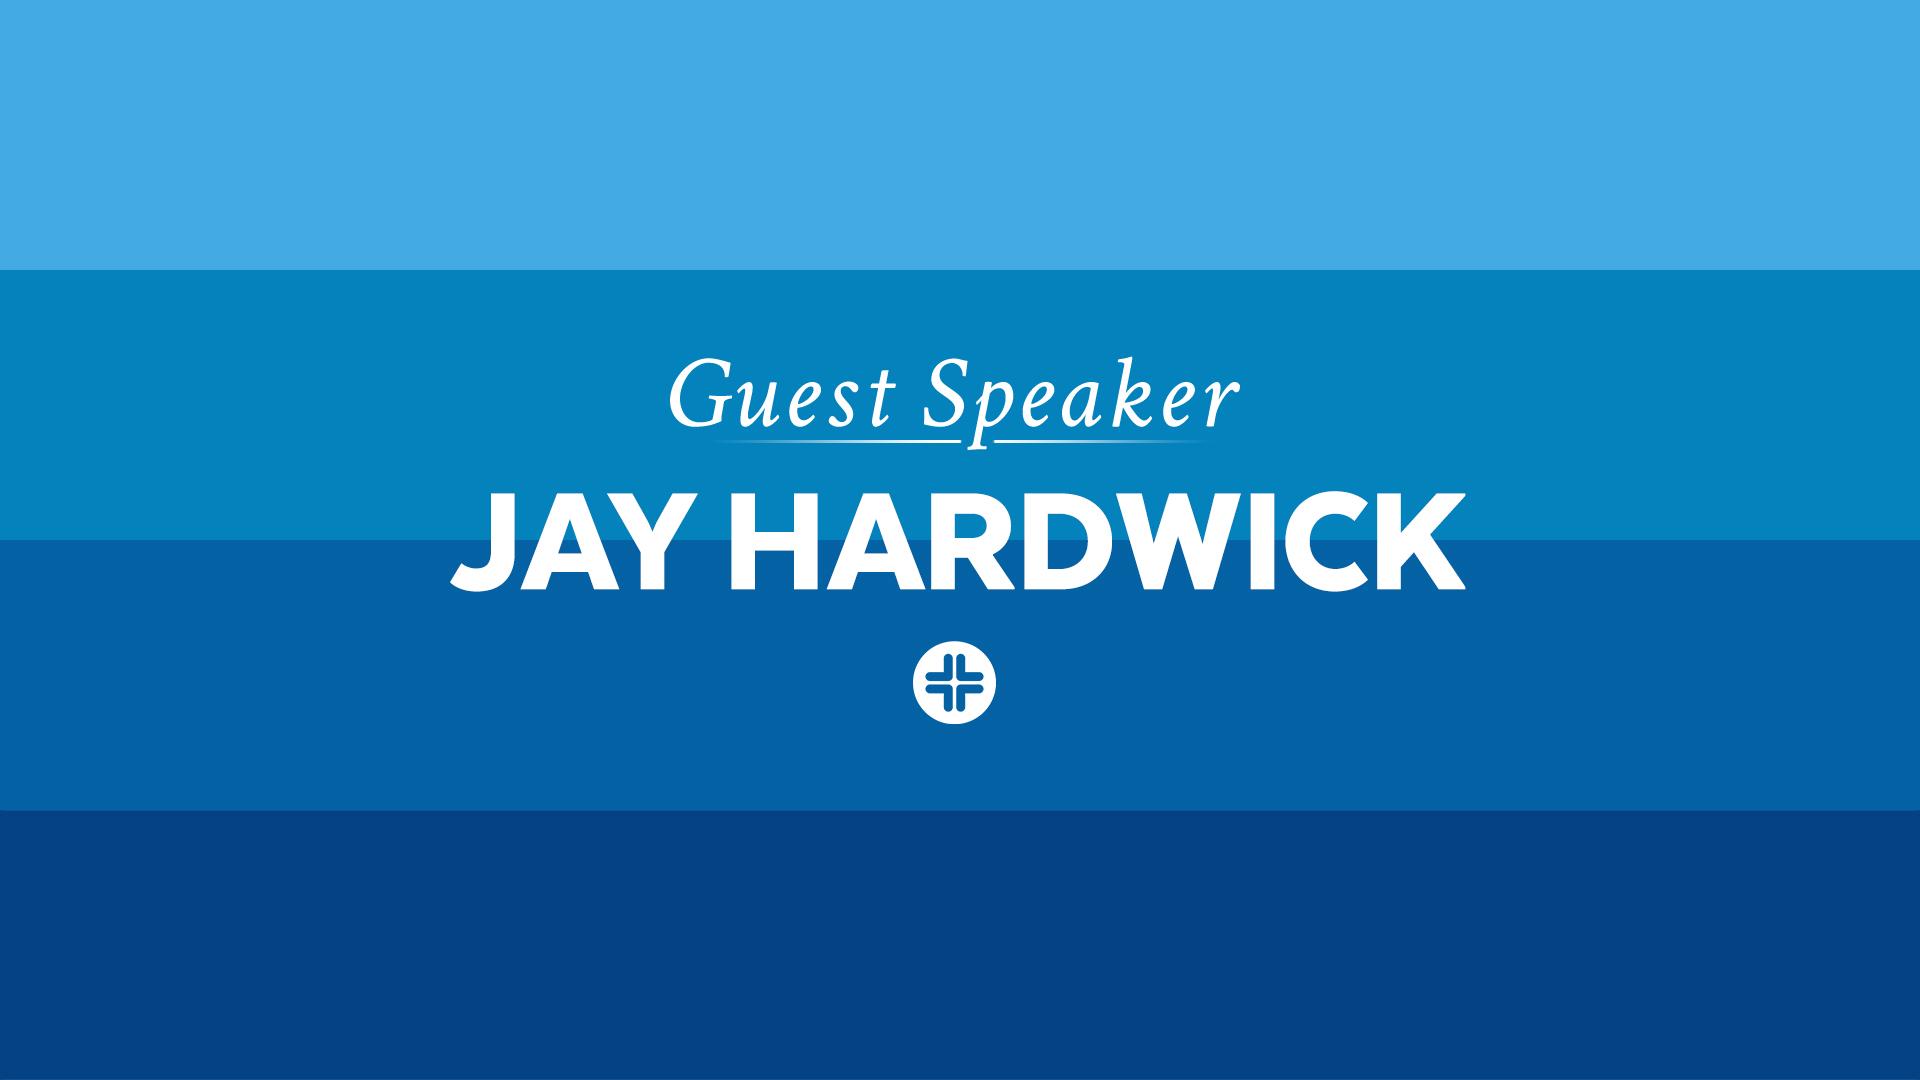 Jay Hardwick